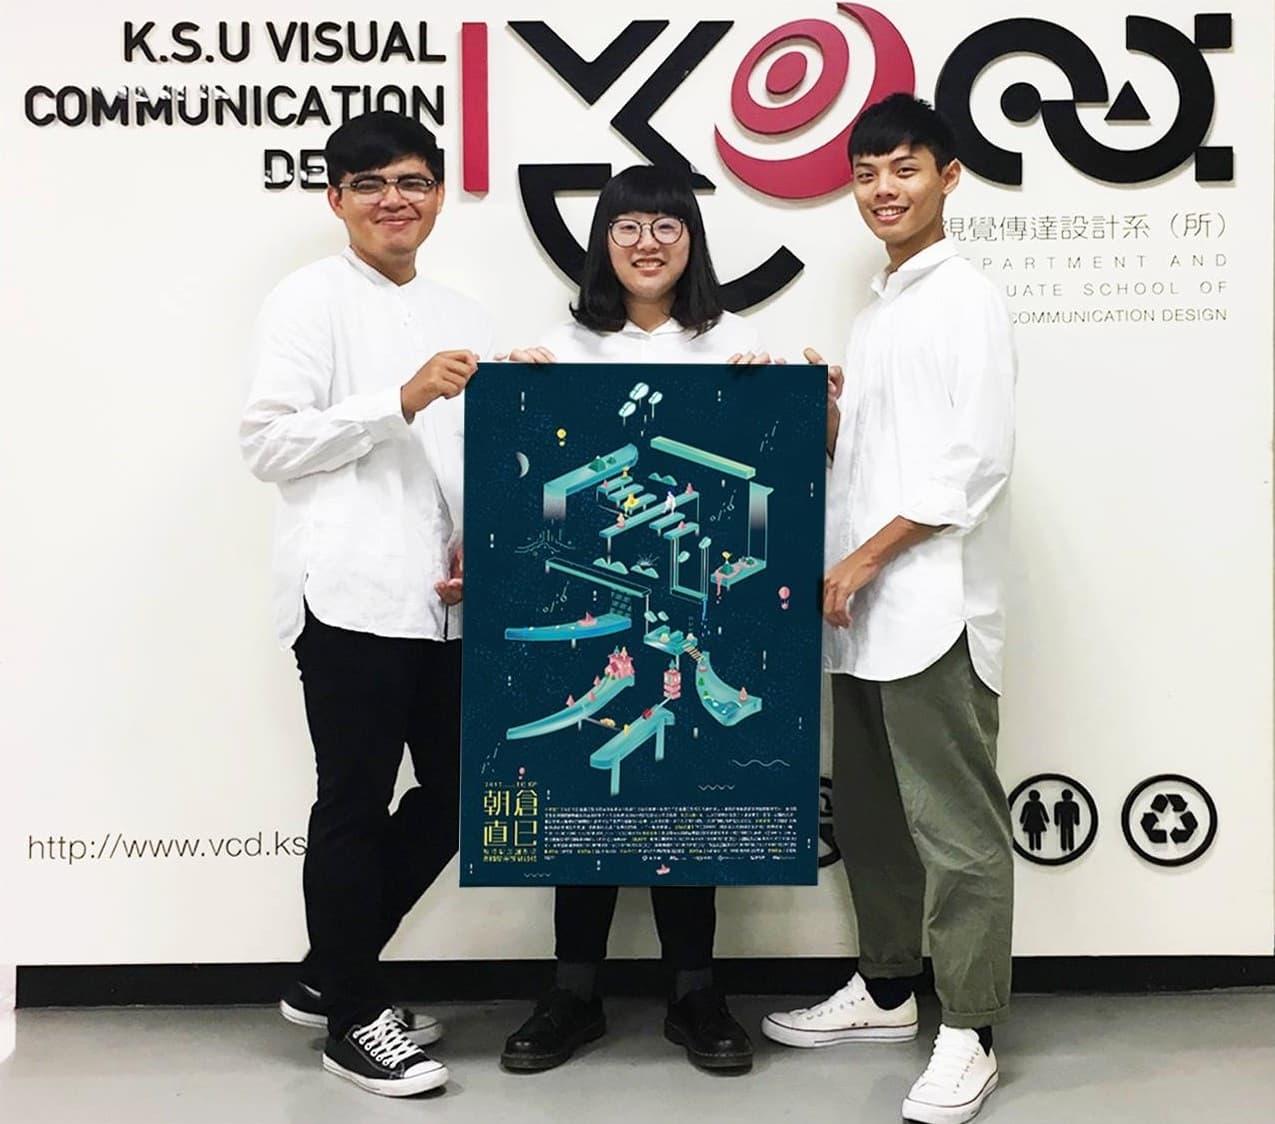 01.(左起)蔡伊凡、童園婷、洪家榮作品《界》獲得紅點獎